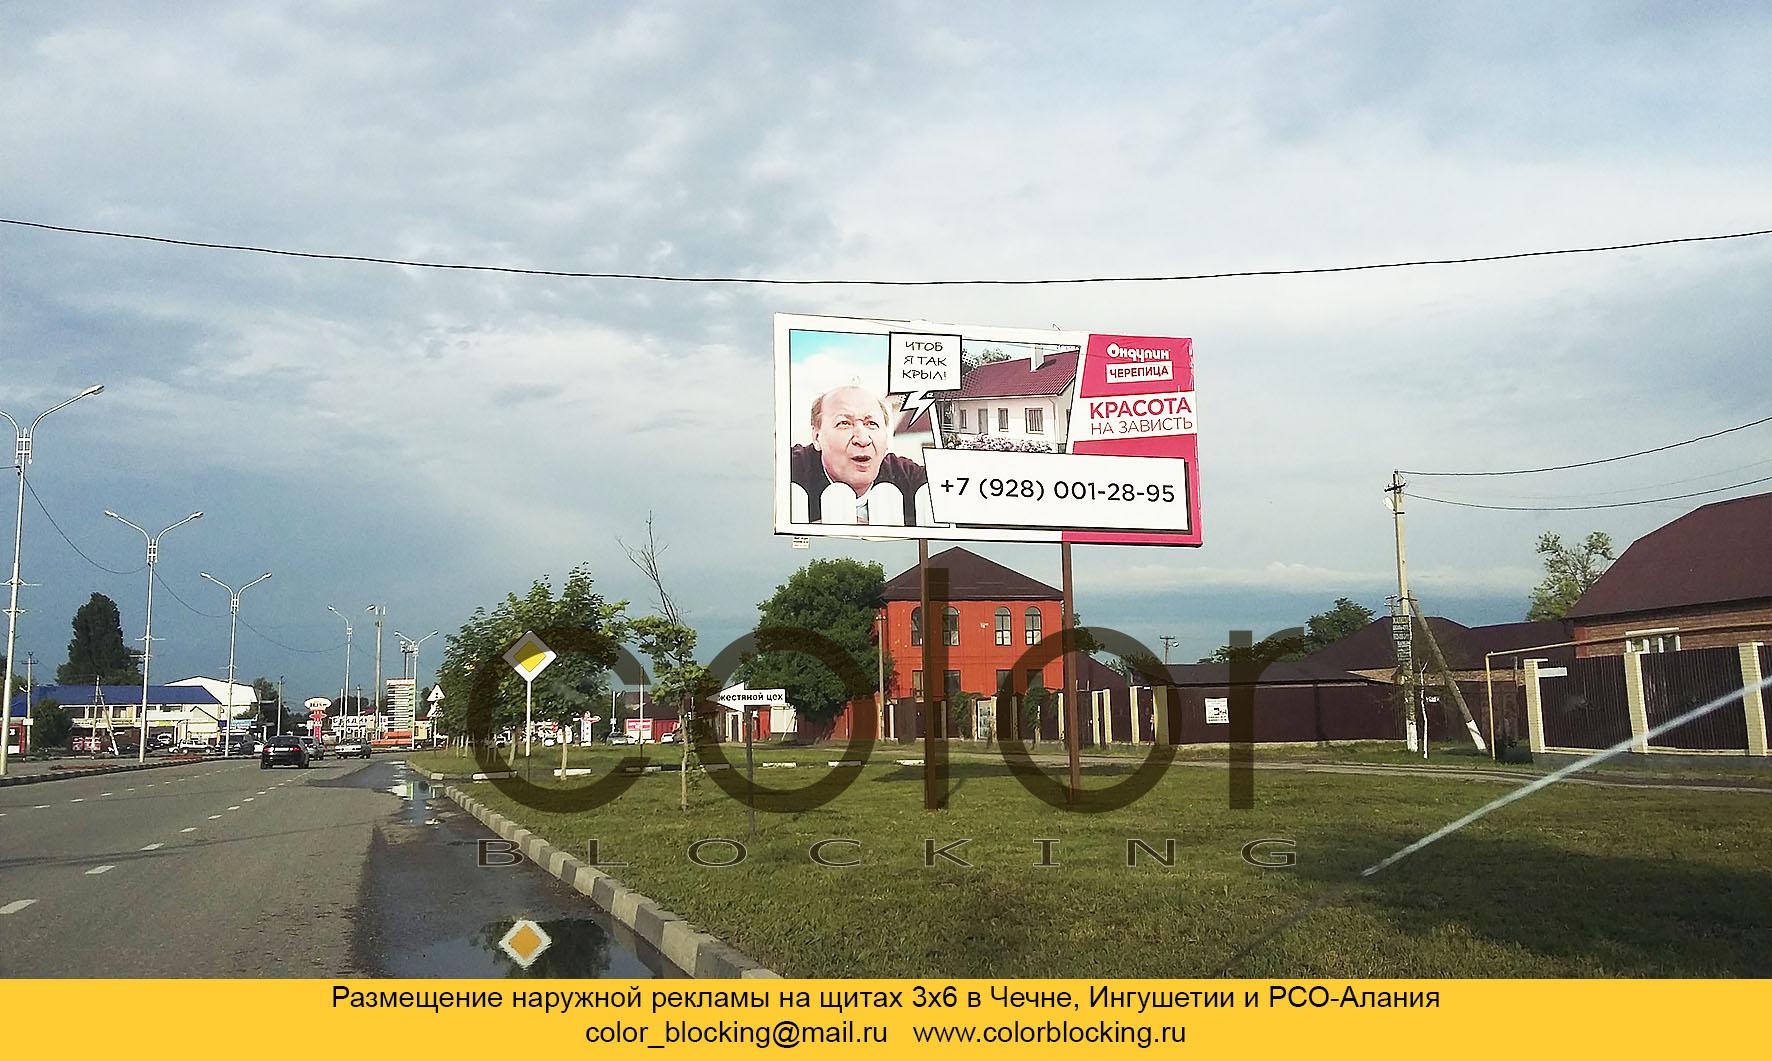 Наружная реклама в Чечне Назарбаева улица